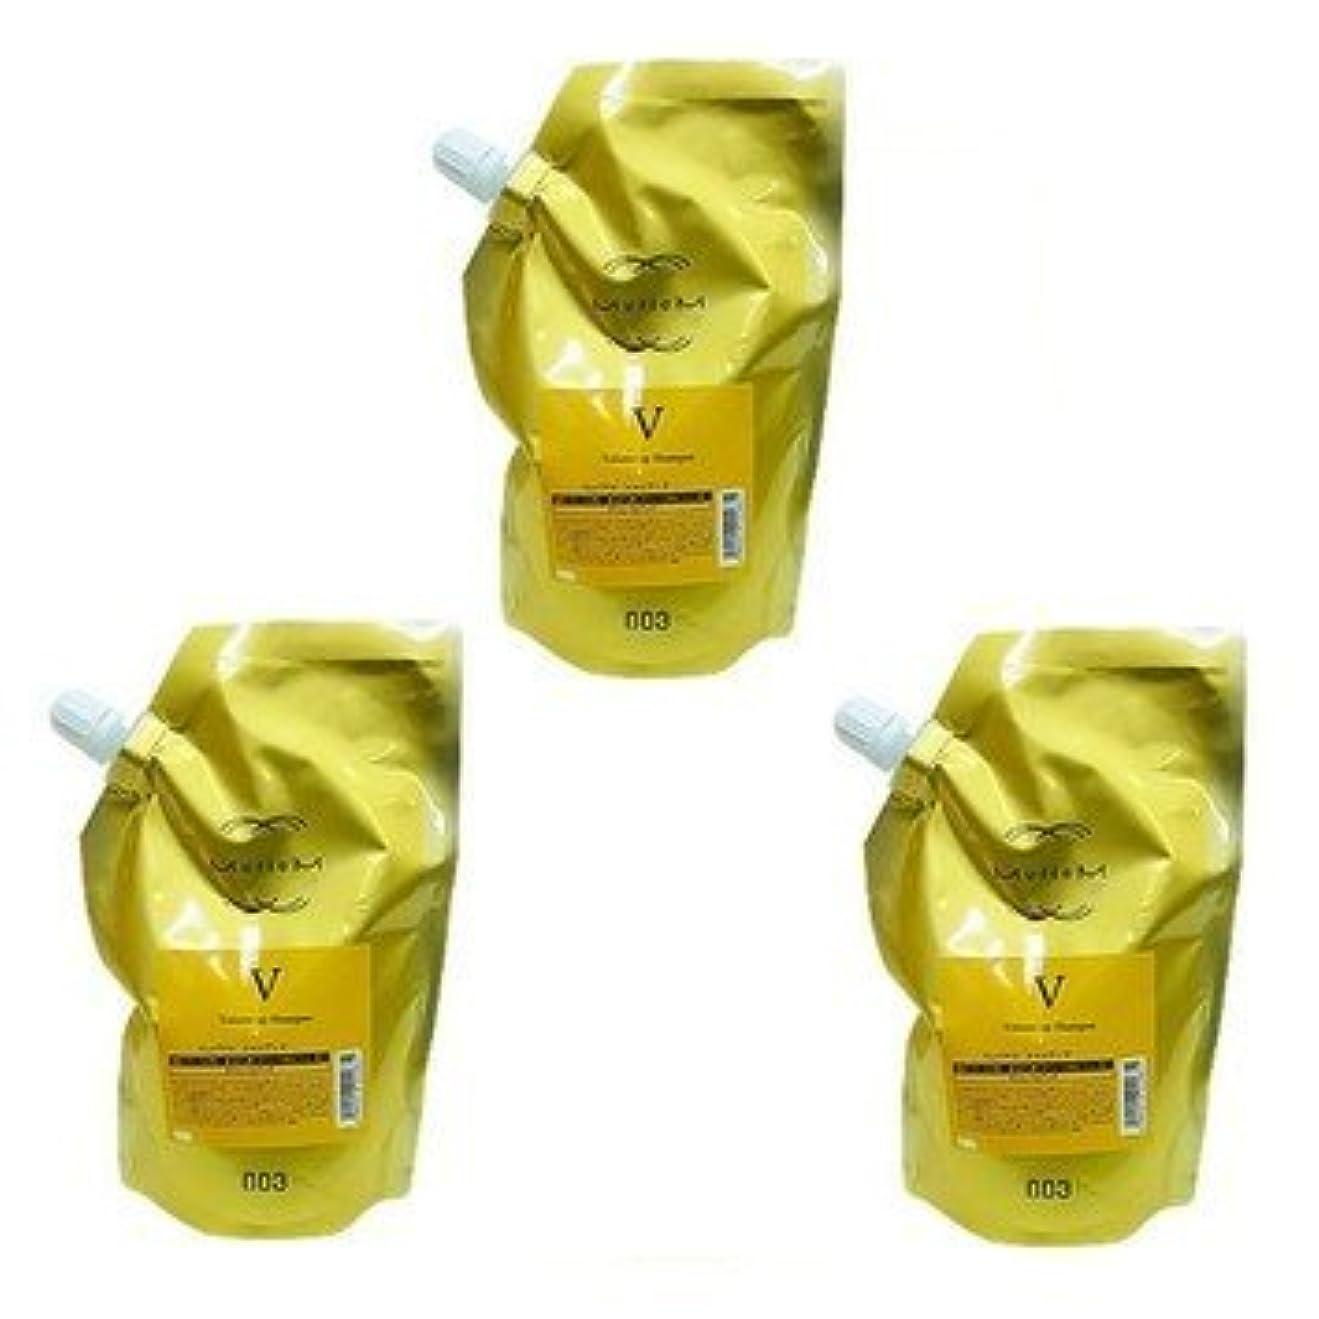 ポーチファイアル集中的な【X3個セット】 ナンバースリー ミュリアム ゴールド シャンプー V 500ml 詰替え用